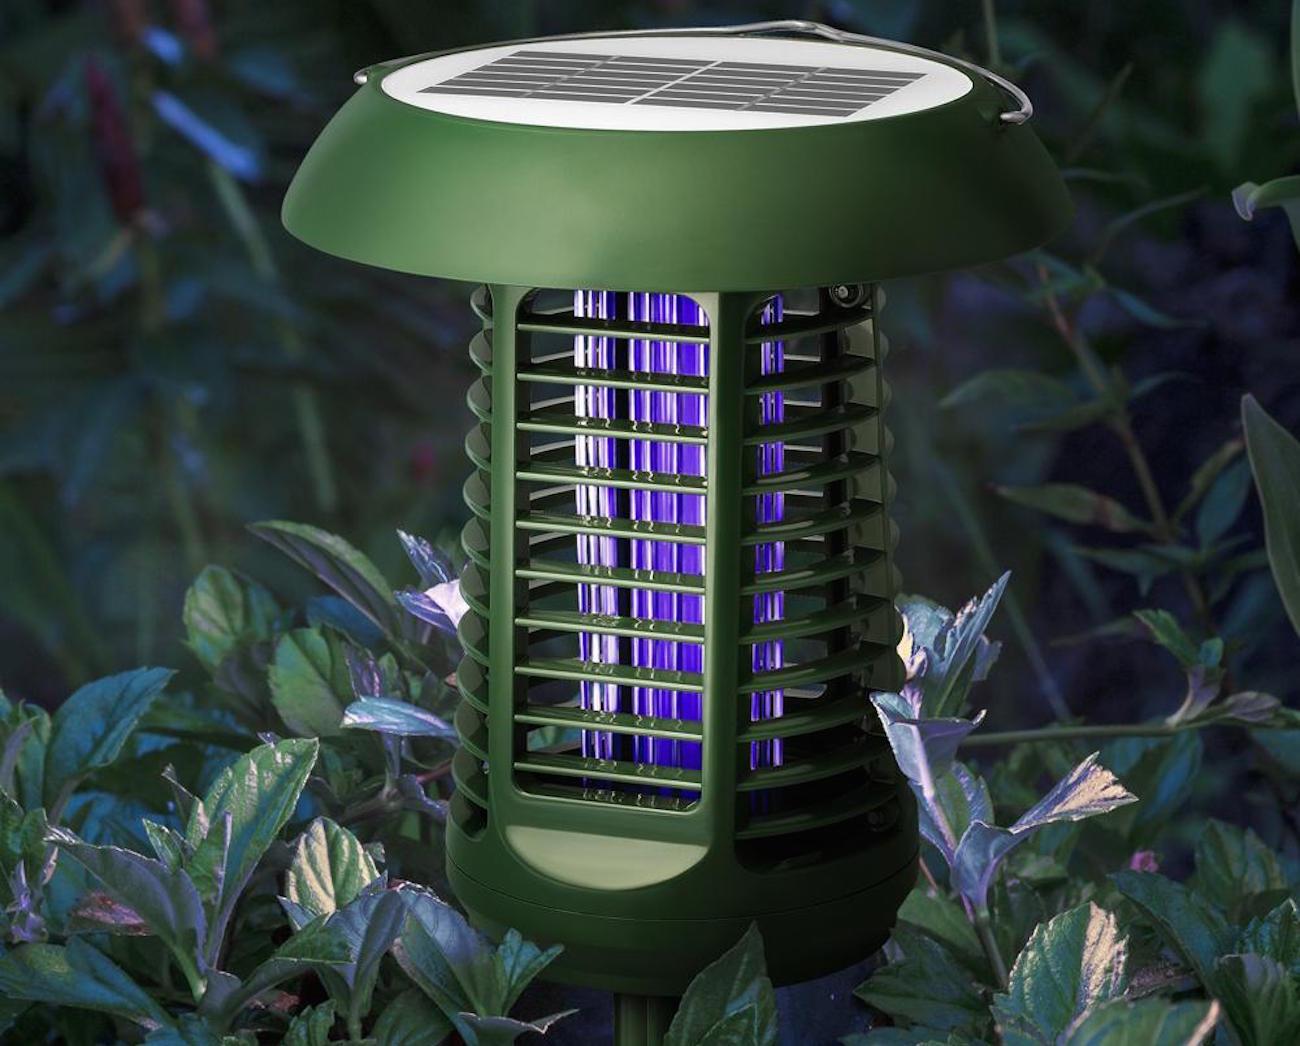 solar-powered-uv-bug-zapper-led-garden-lamp-04